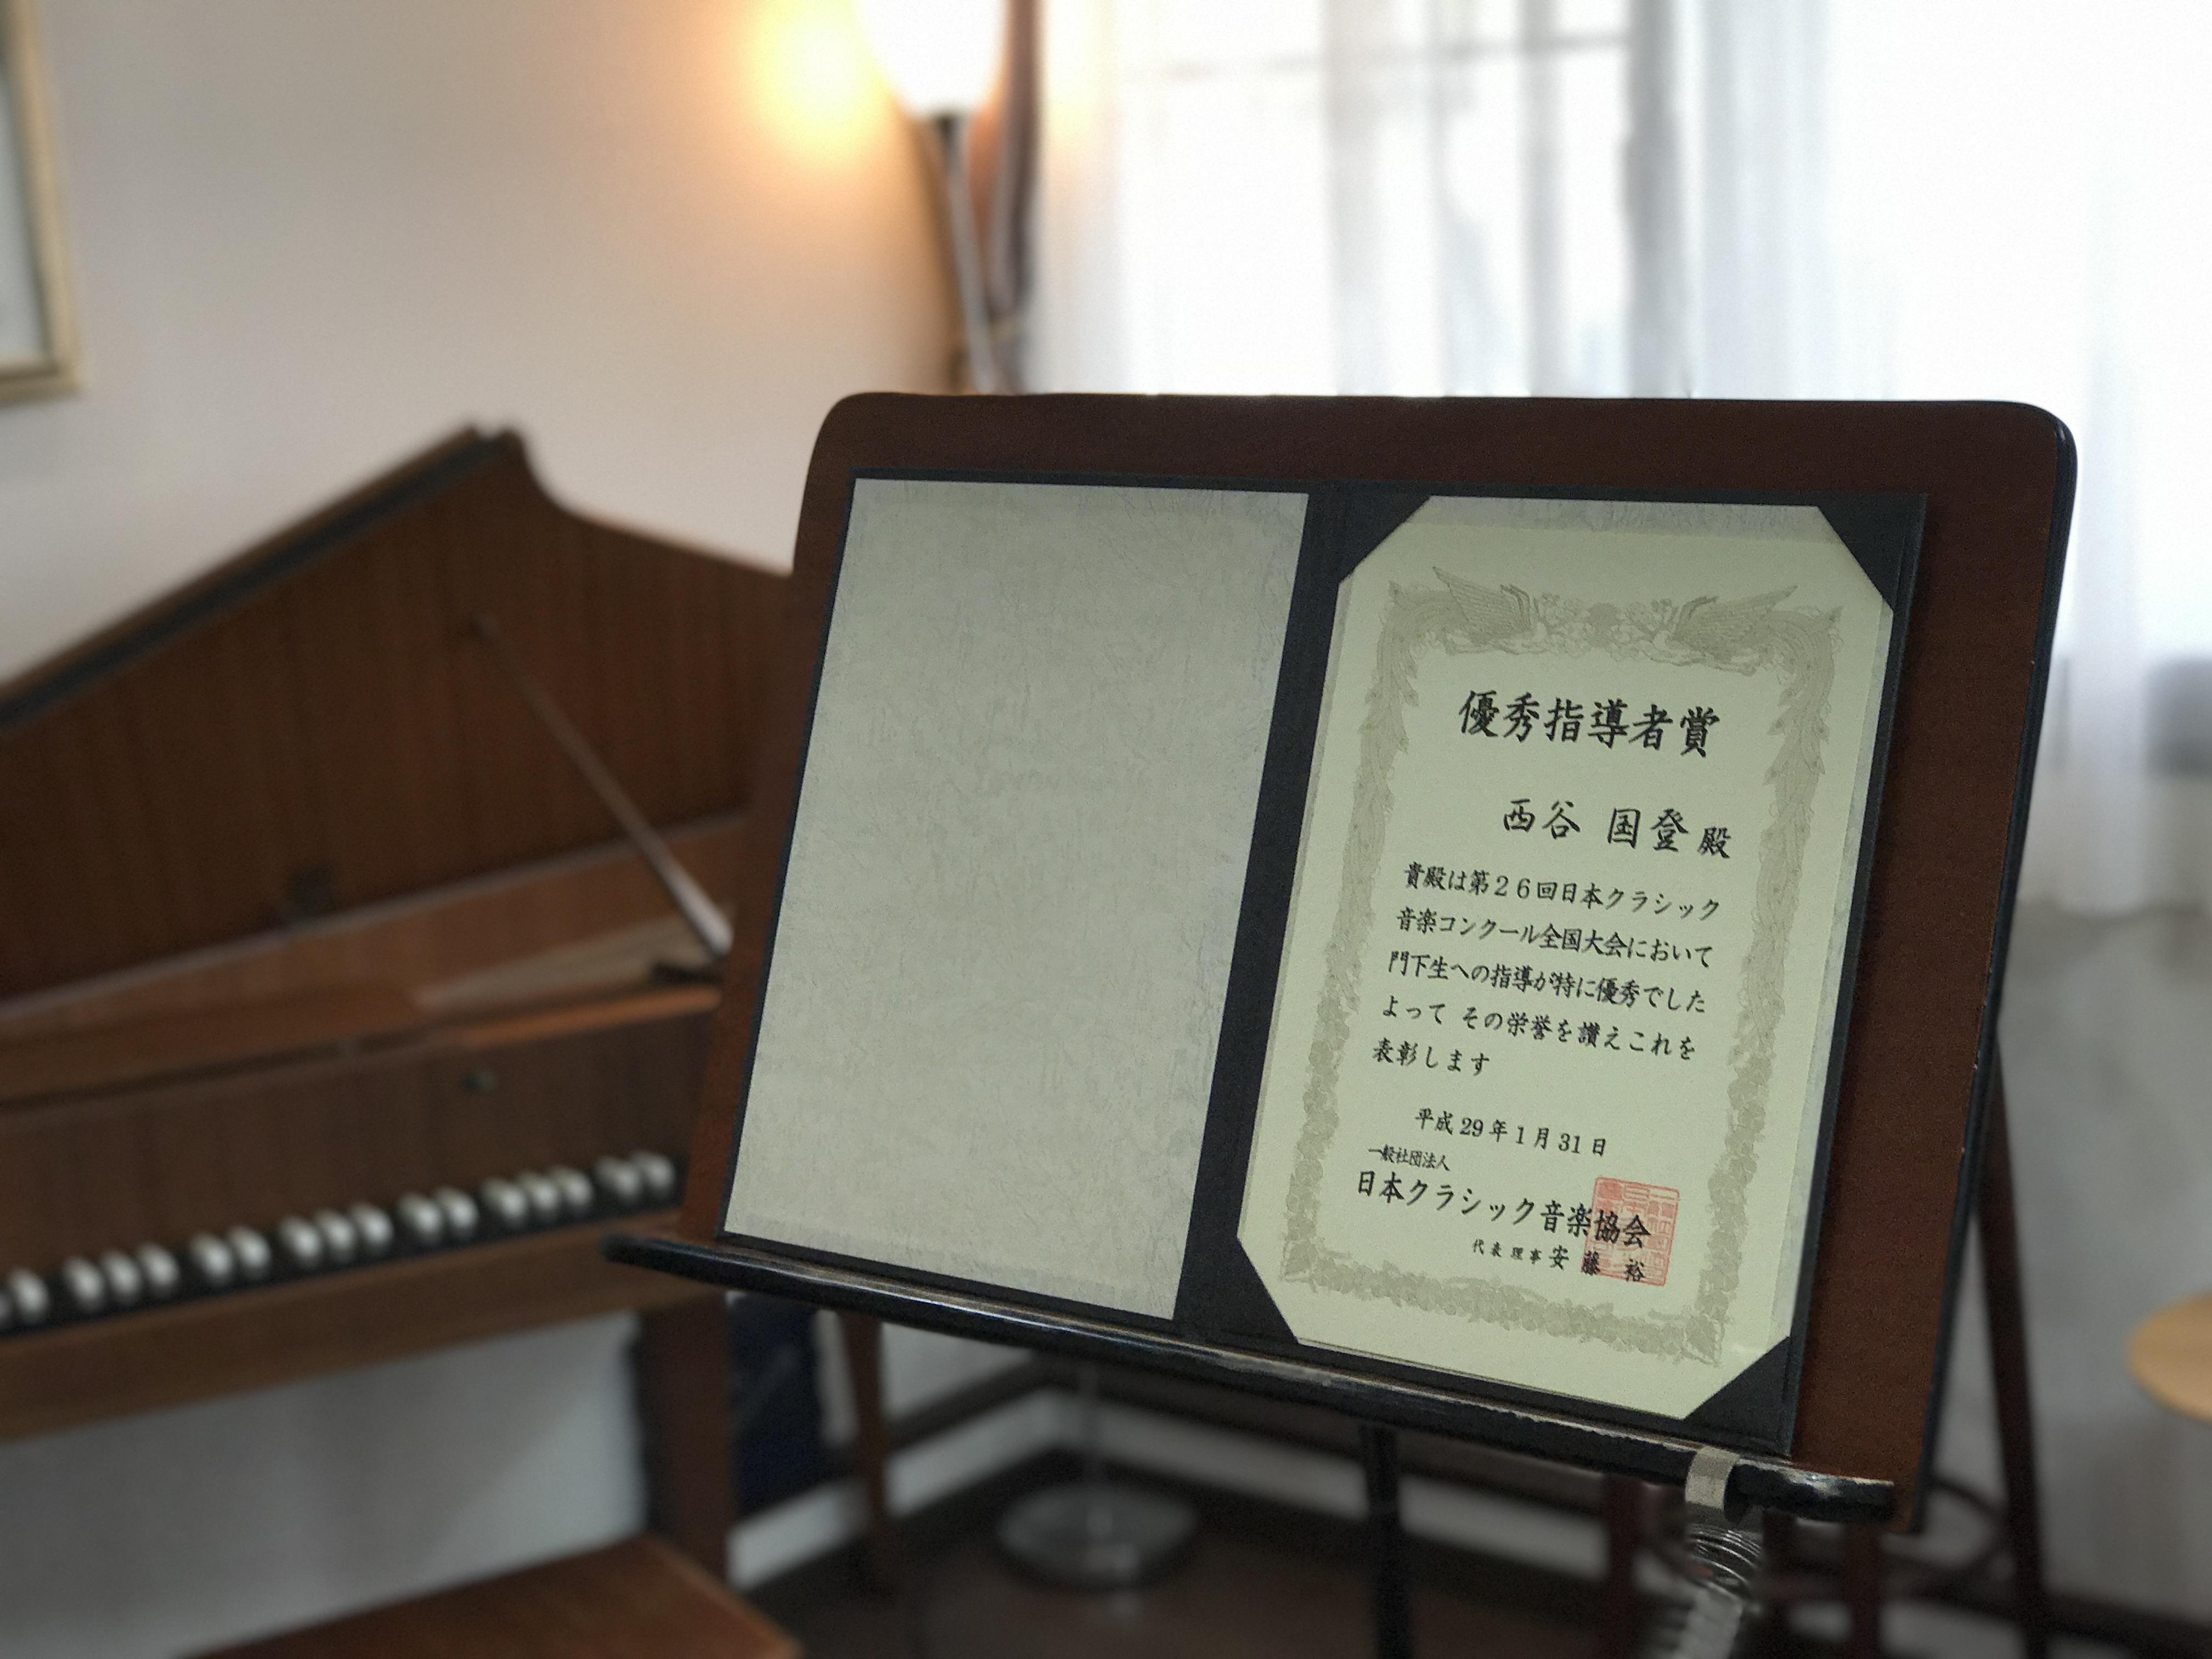 2年連続日本クラシック音楽コンクール優秀指導者賞受賞!&他諸々!